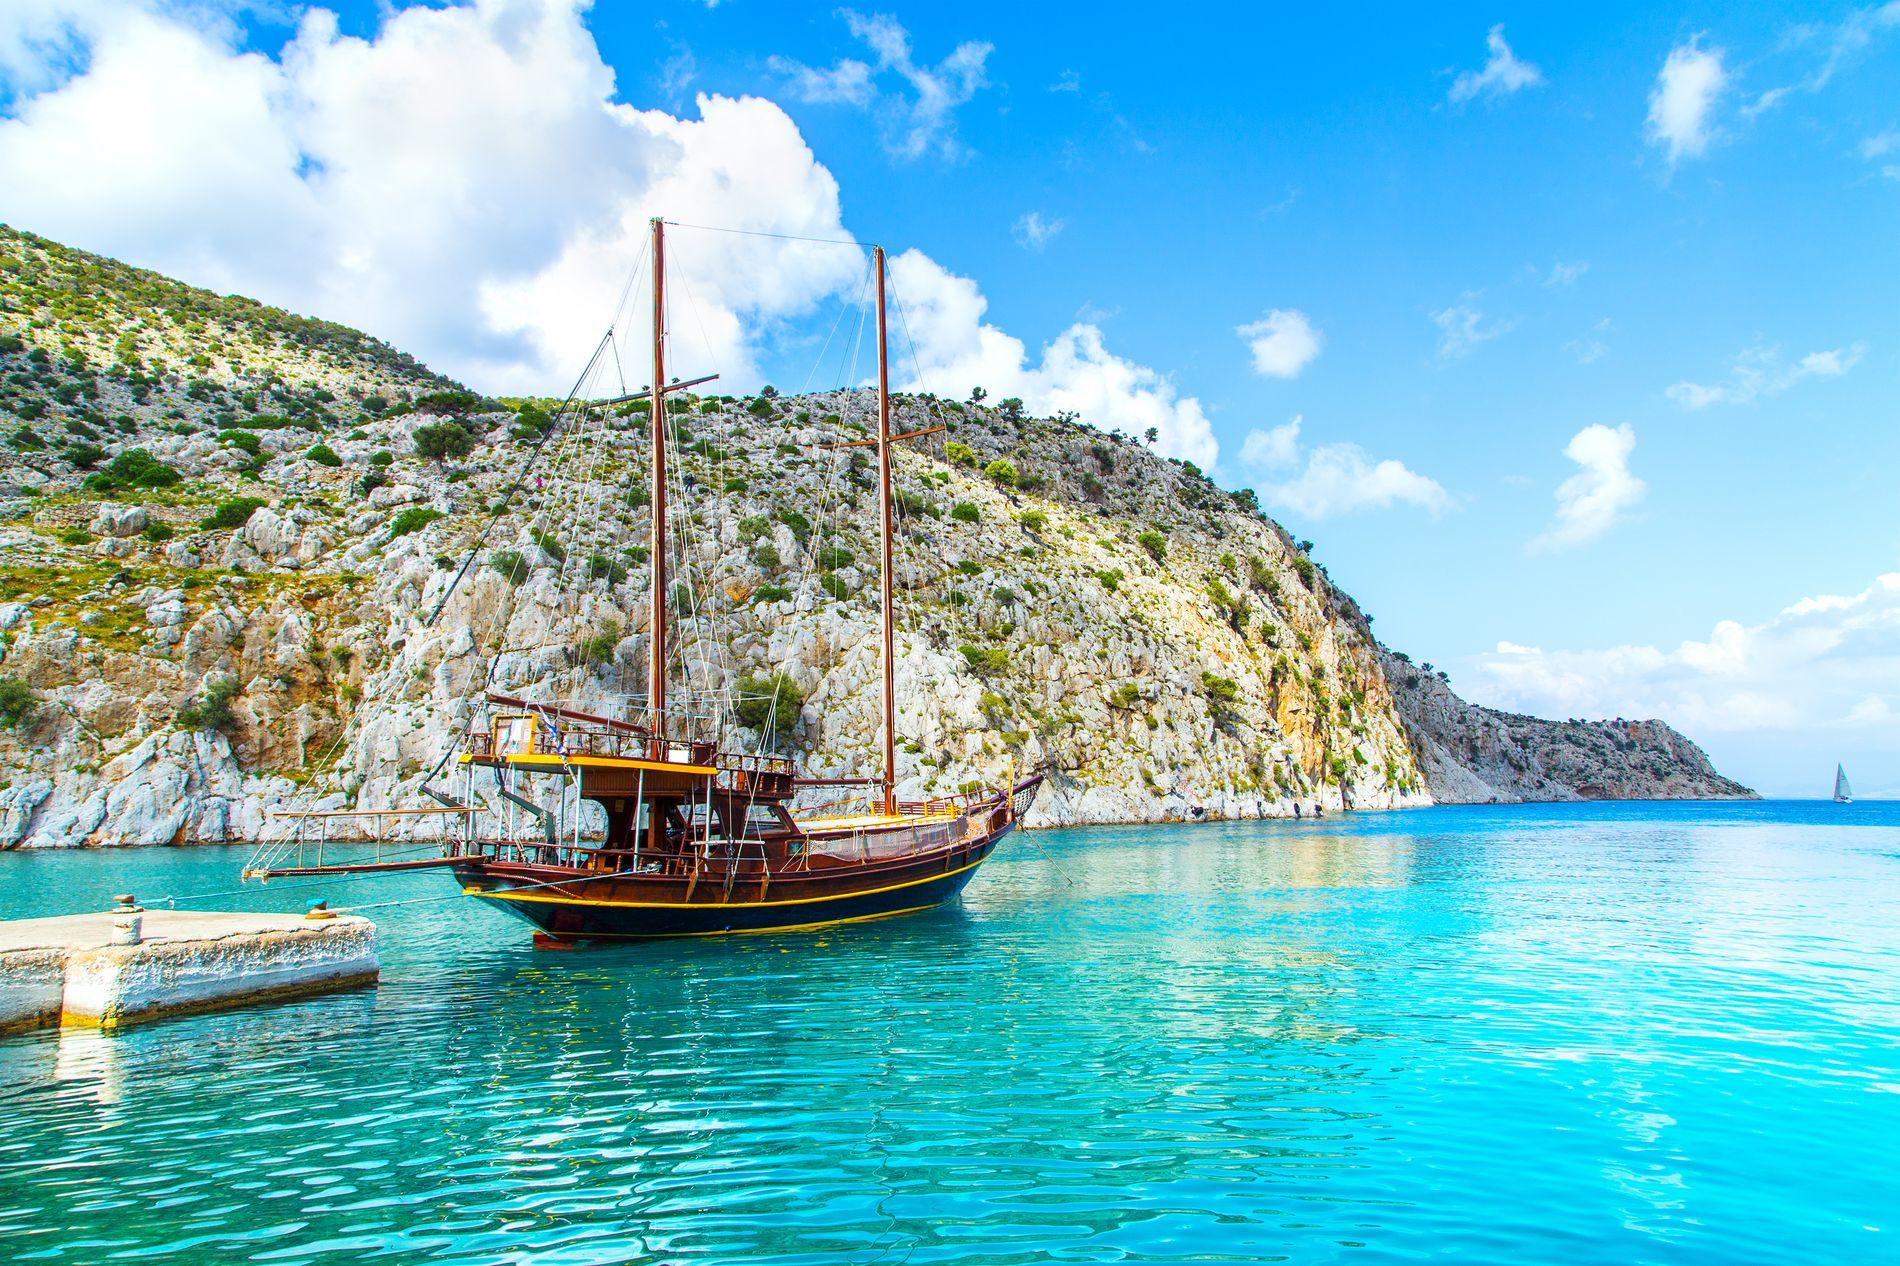 Vacanta de vara pe Insula Kos, Grecia – 226 euro (zbor si cazare 7 nopti)